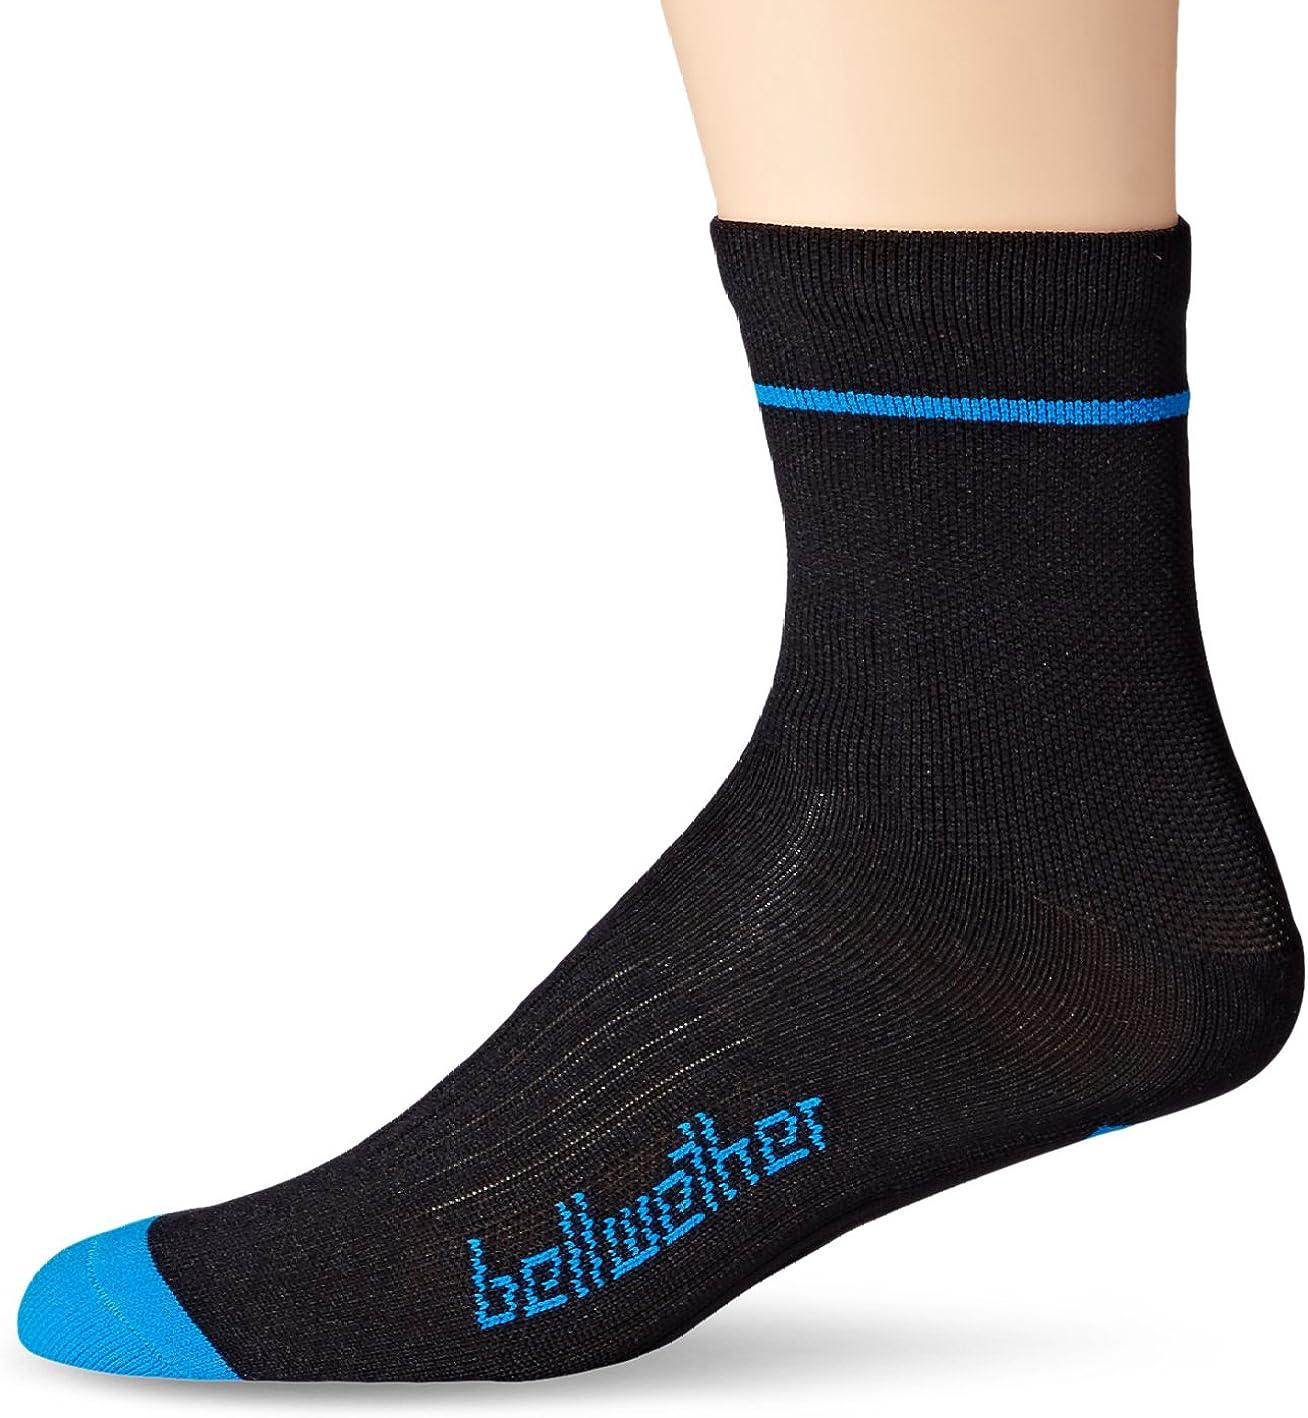 Bellwether Optime Socks